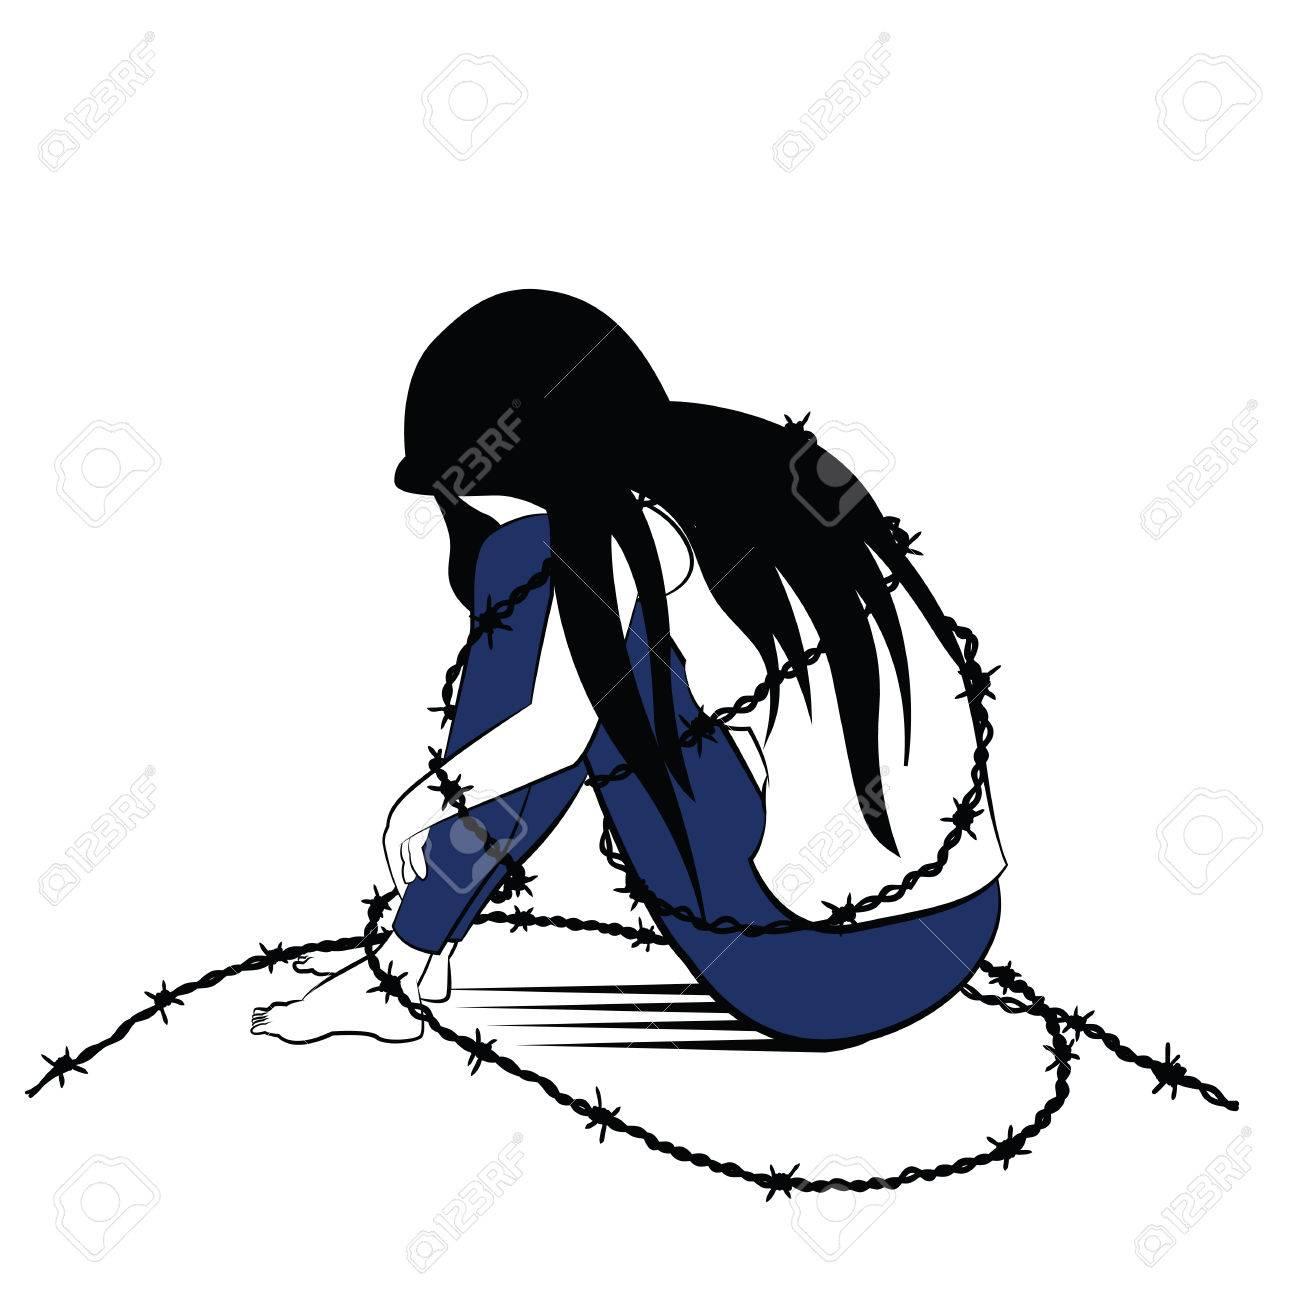 Dessin Vector Illustration Dans Le Style De Croquis Dencre Femme Seule Triste Et La Dépression Assis Surround Seul Avec Fils Barbelés Présentant